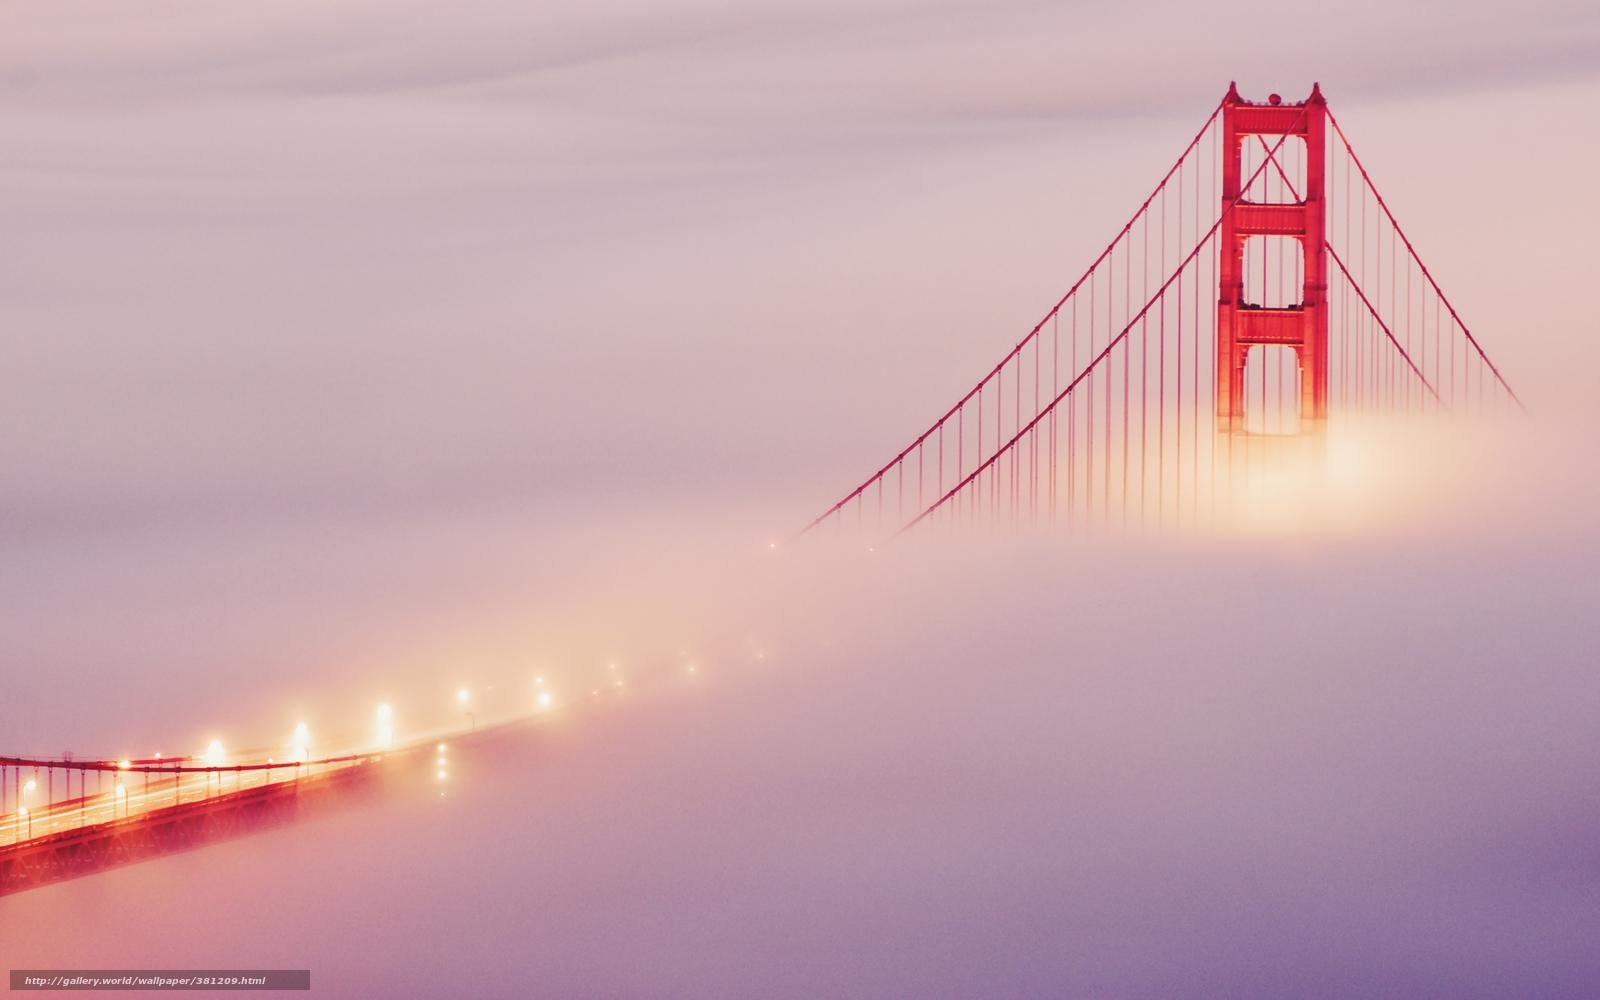 туман город обои для рабочего стола № 648833 загрузить